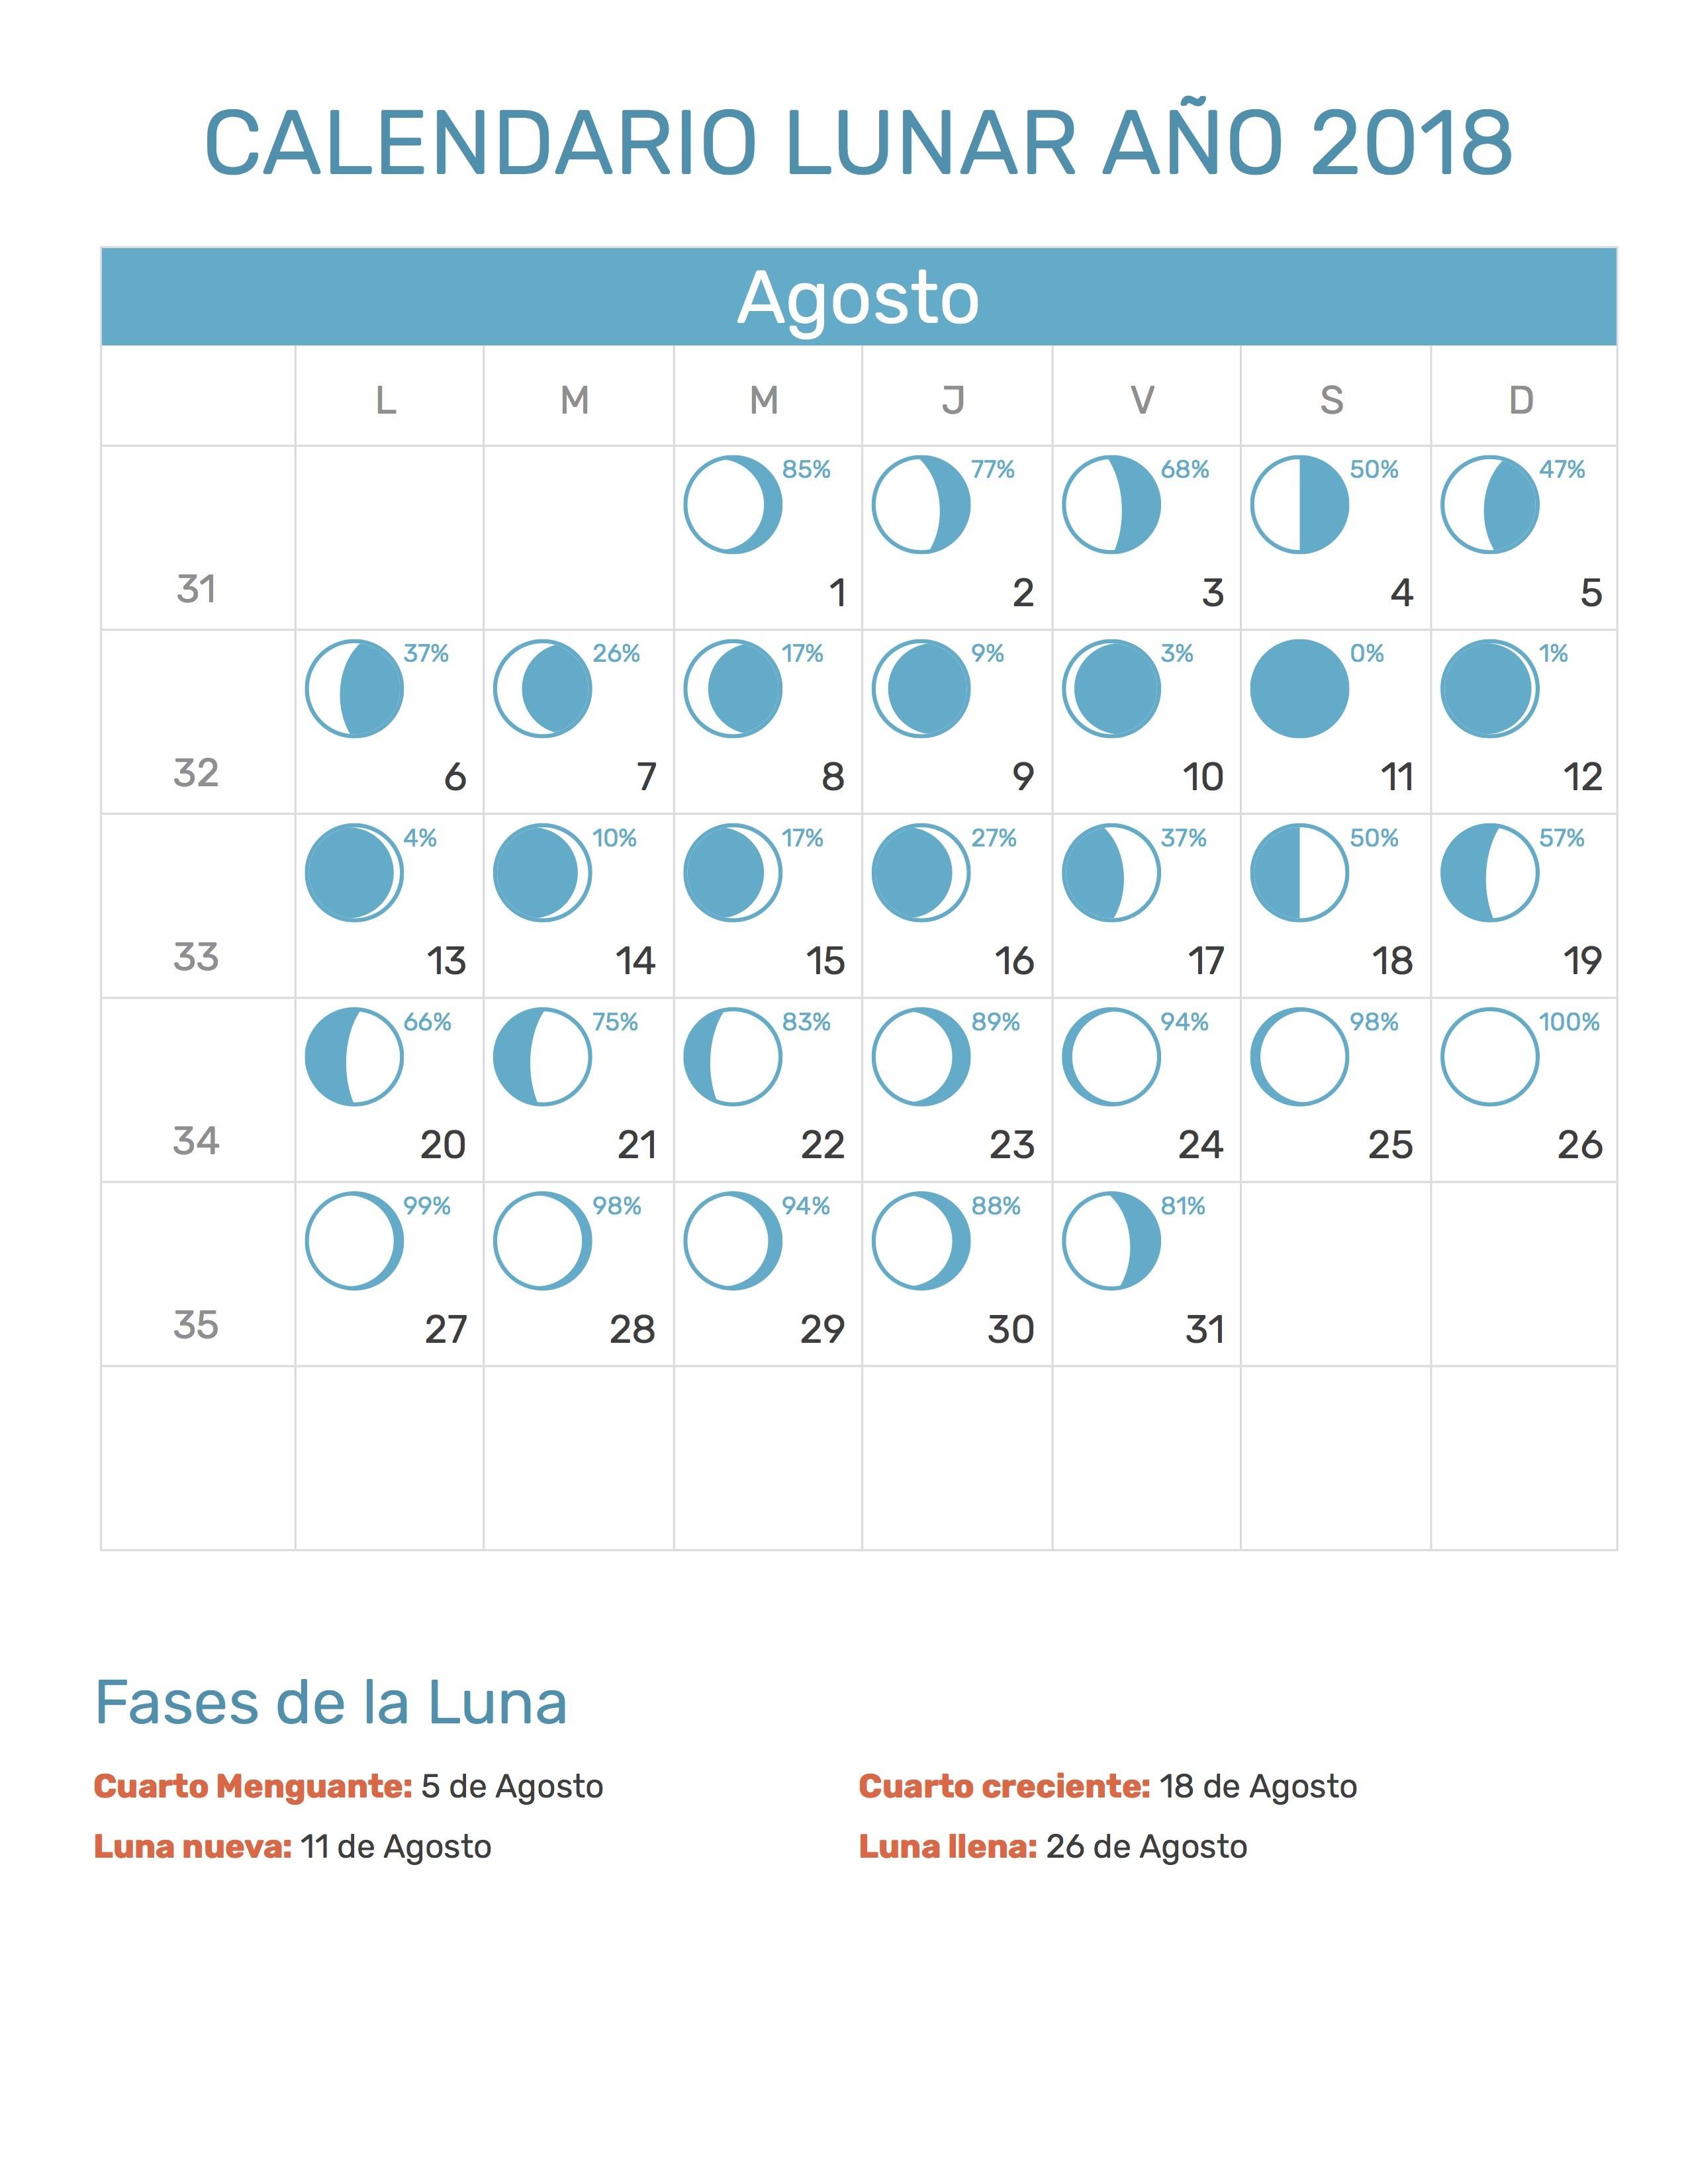 Imprimir Calendario De Agosto Recientes Calendario Lunar Agosto 2018 Of Imprimir Calendario De Agosto Recientes Calendario Agosto 2018 Calendario 2017 Pinterest